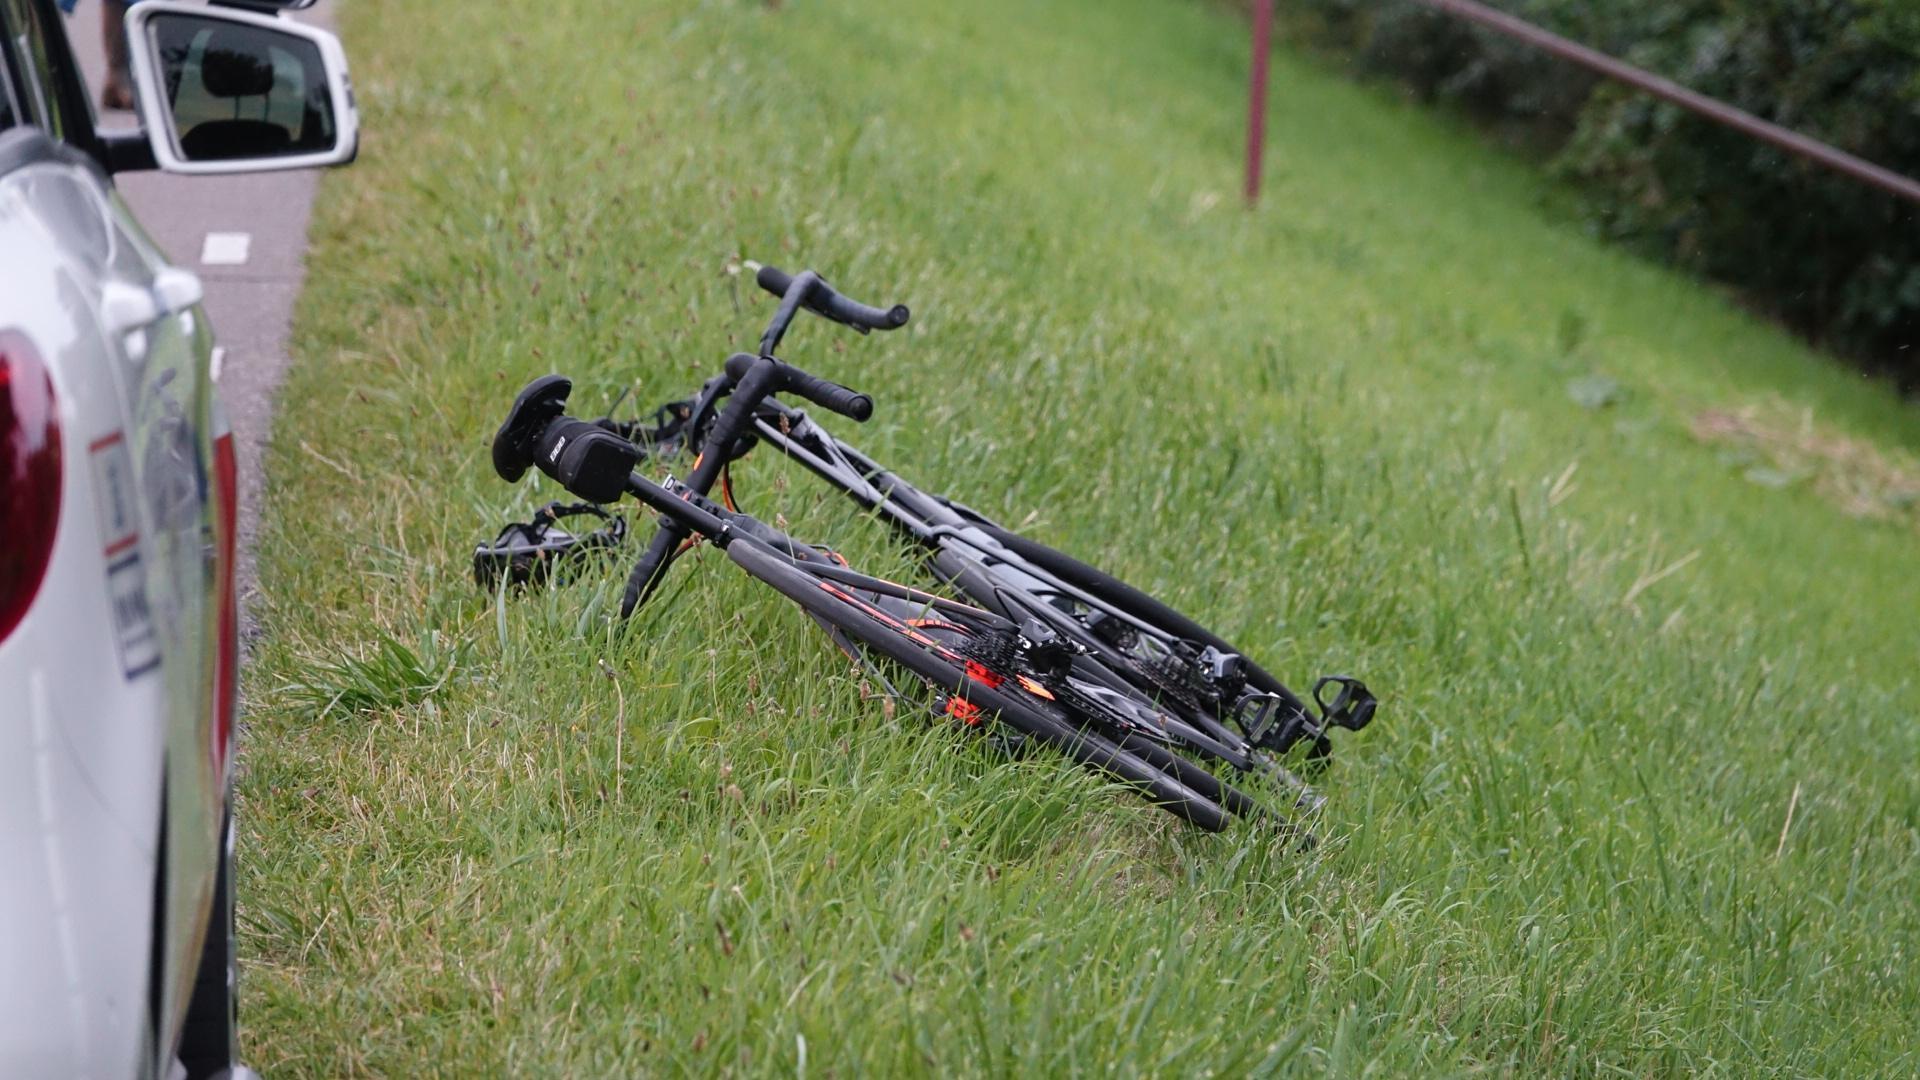 Automobilist (21) die wielrenner op dijk aanreed, heeft heel andere lezing [update]